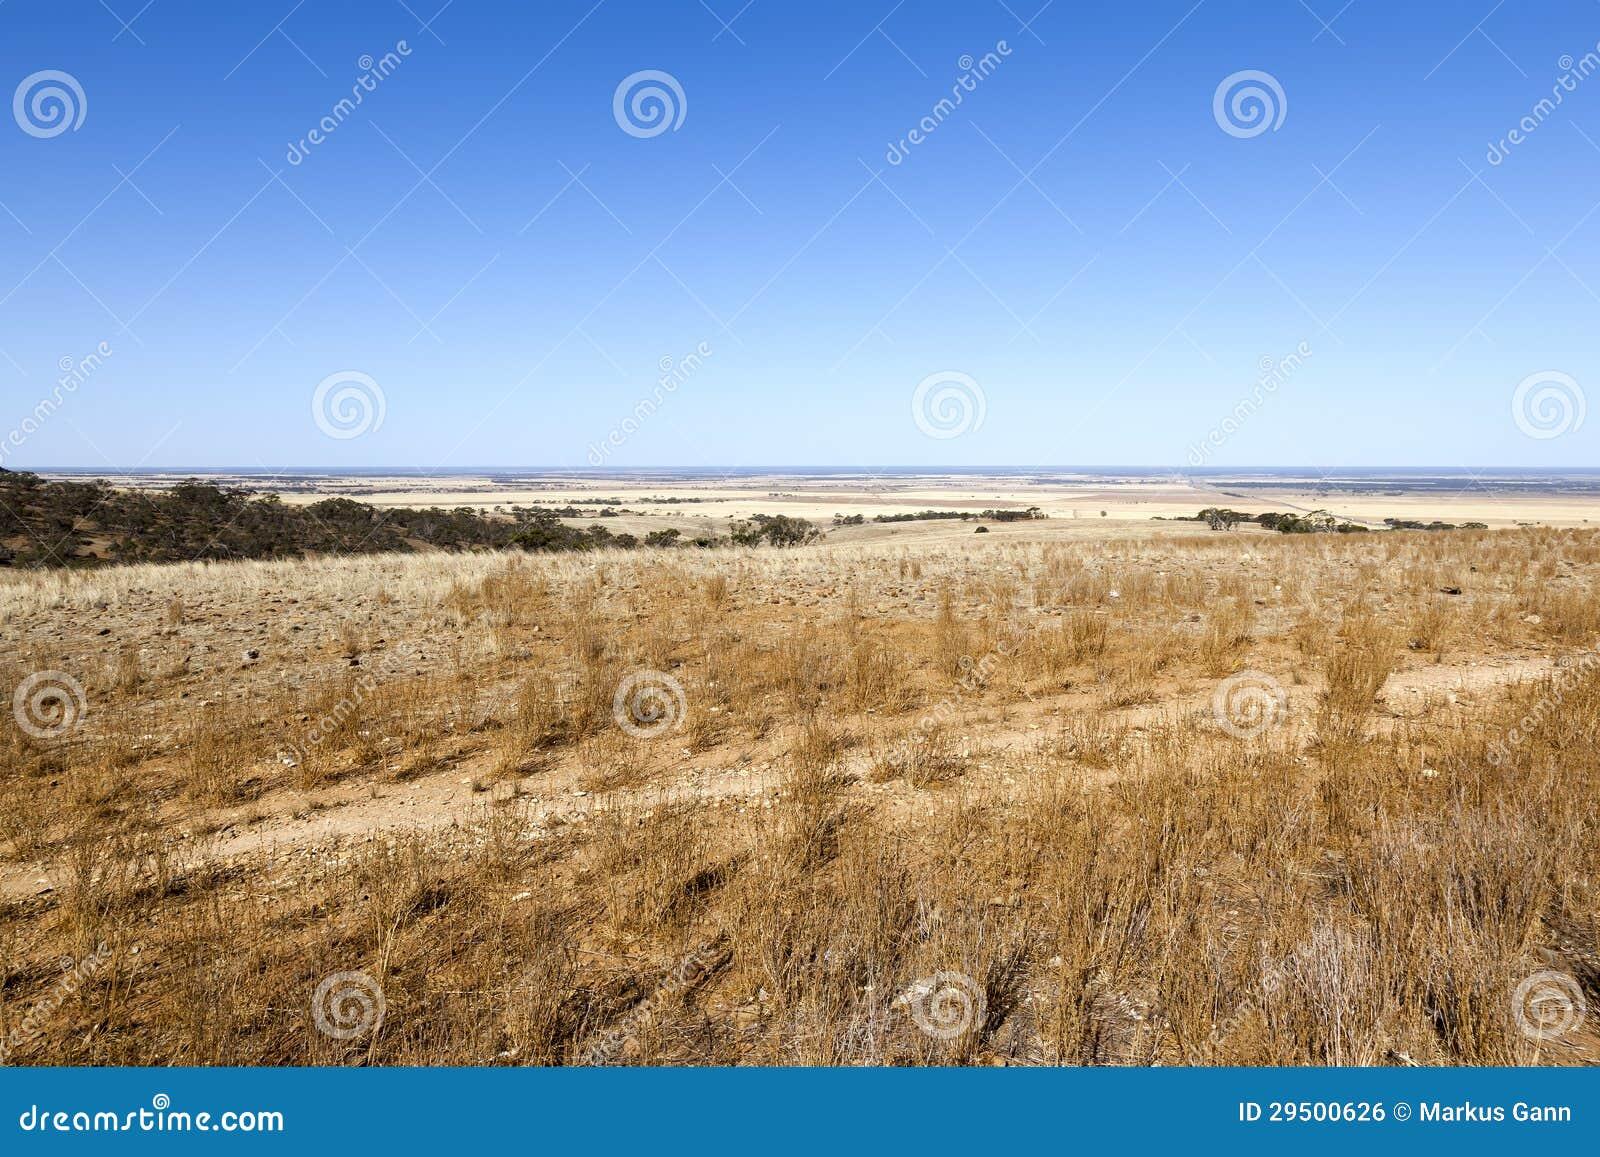 Zuid-Australië